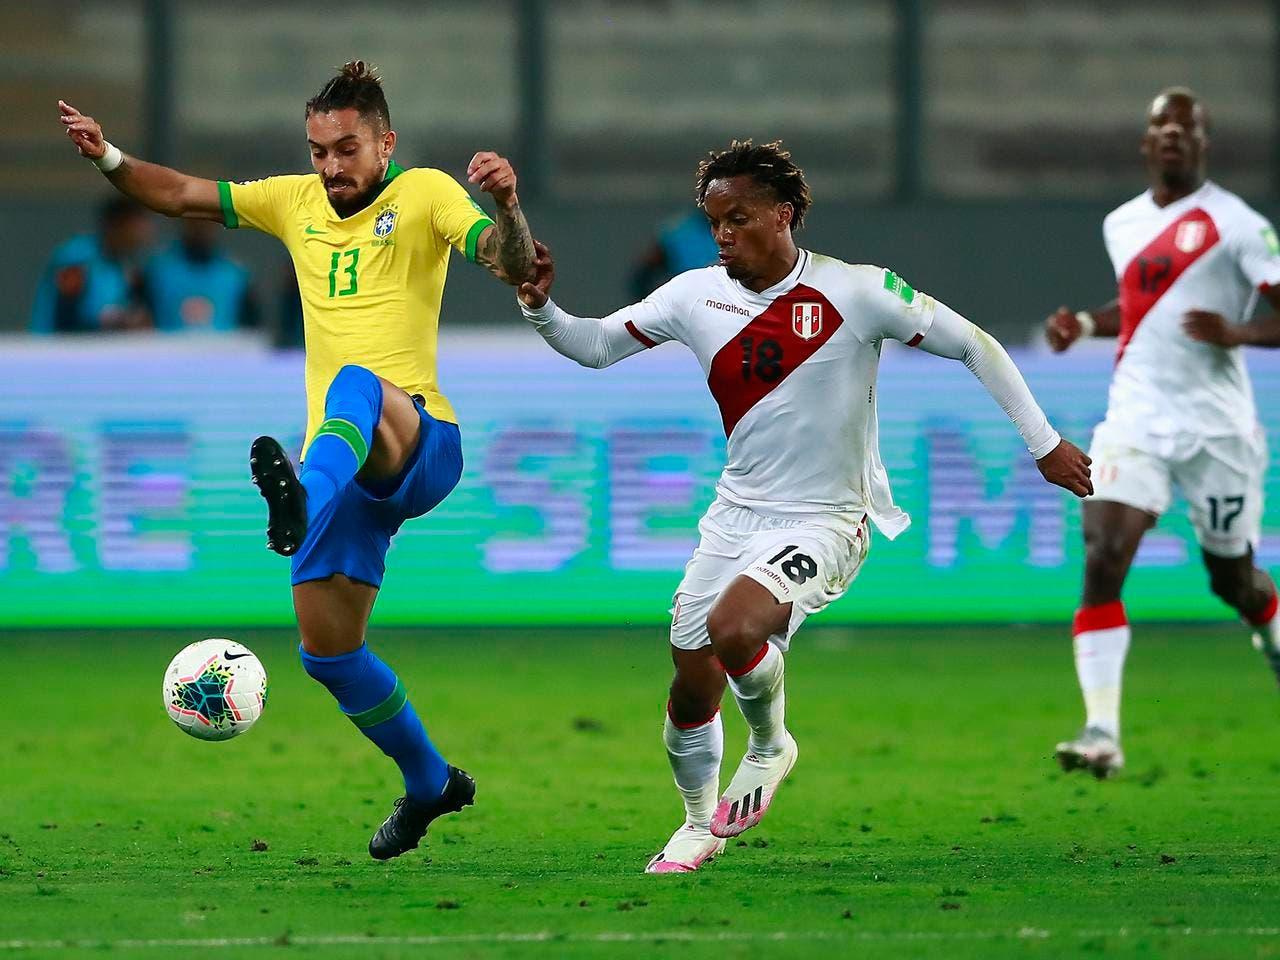 كاريو لاعب الهلال في مباراة سابقة ضد البرازيل